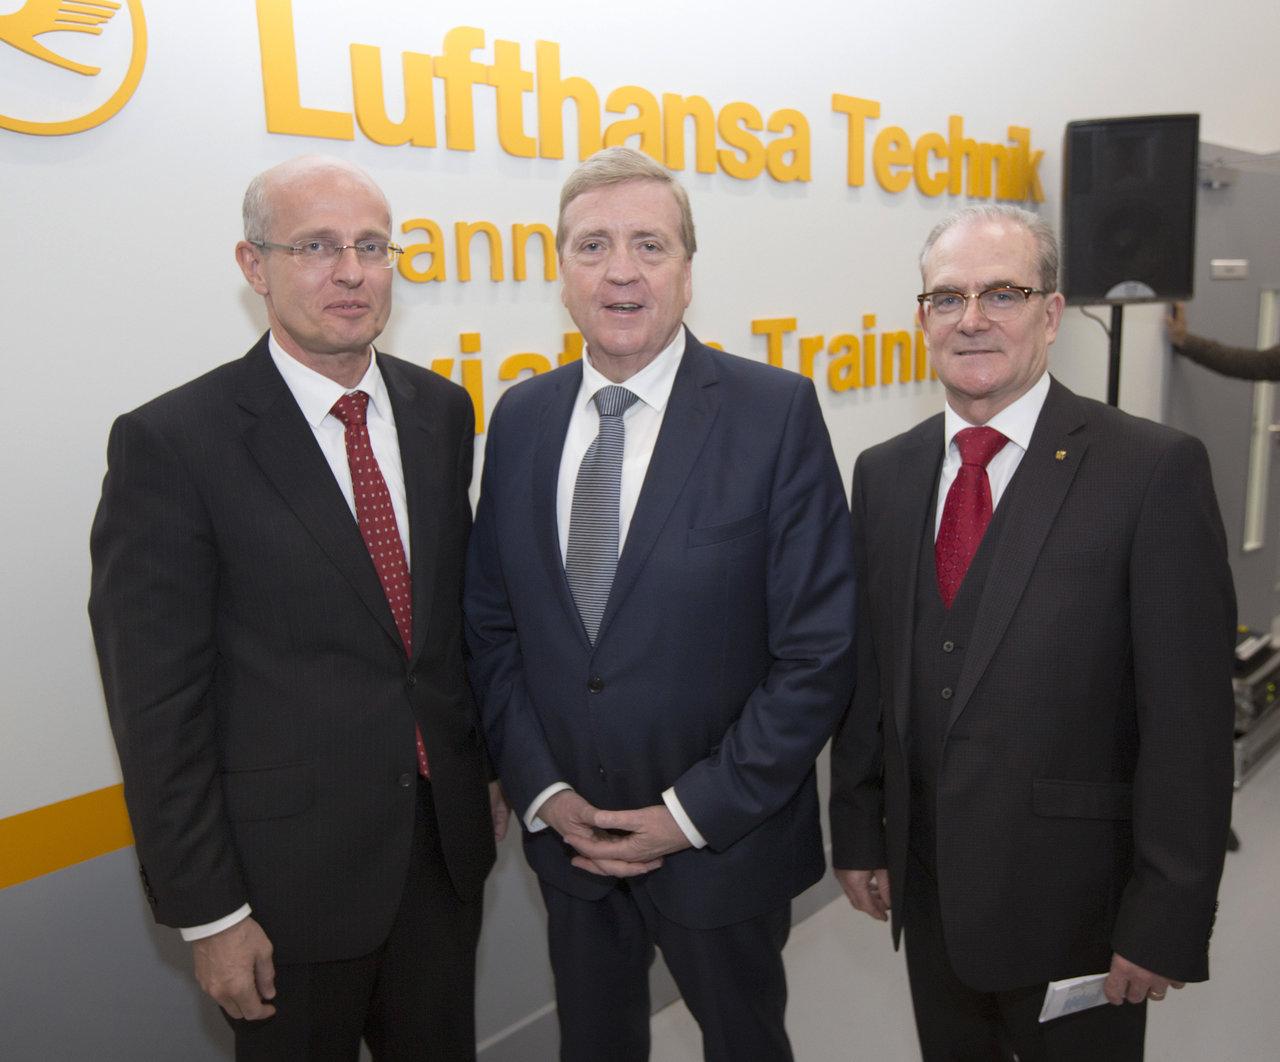 Lufthansa Technik Shannon